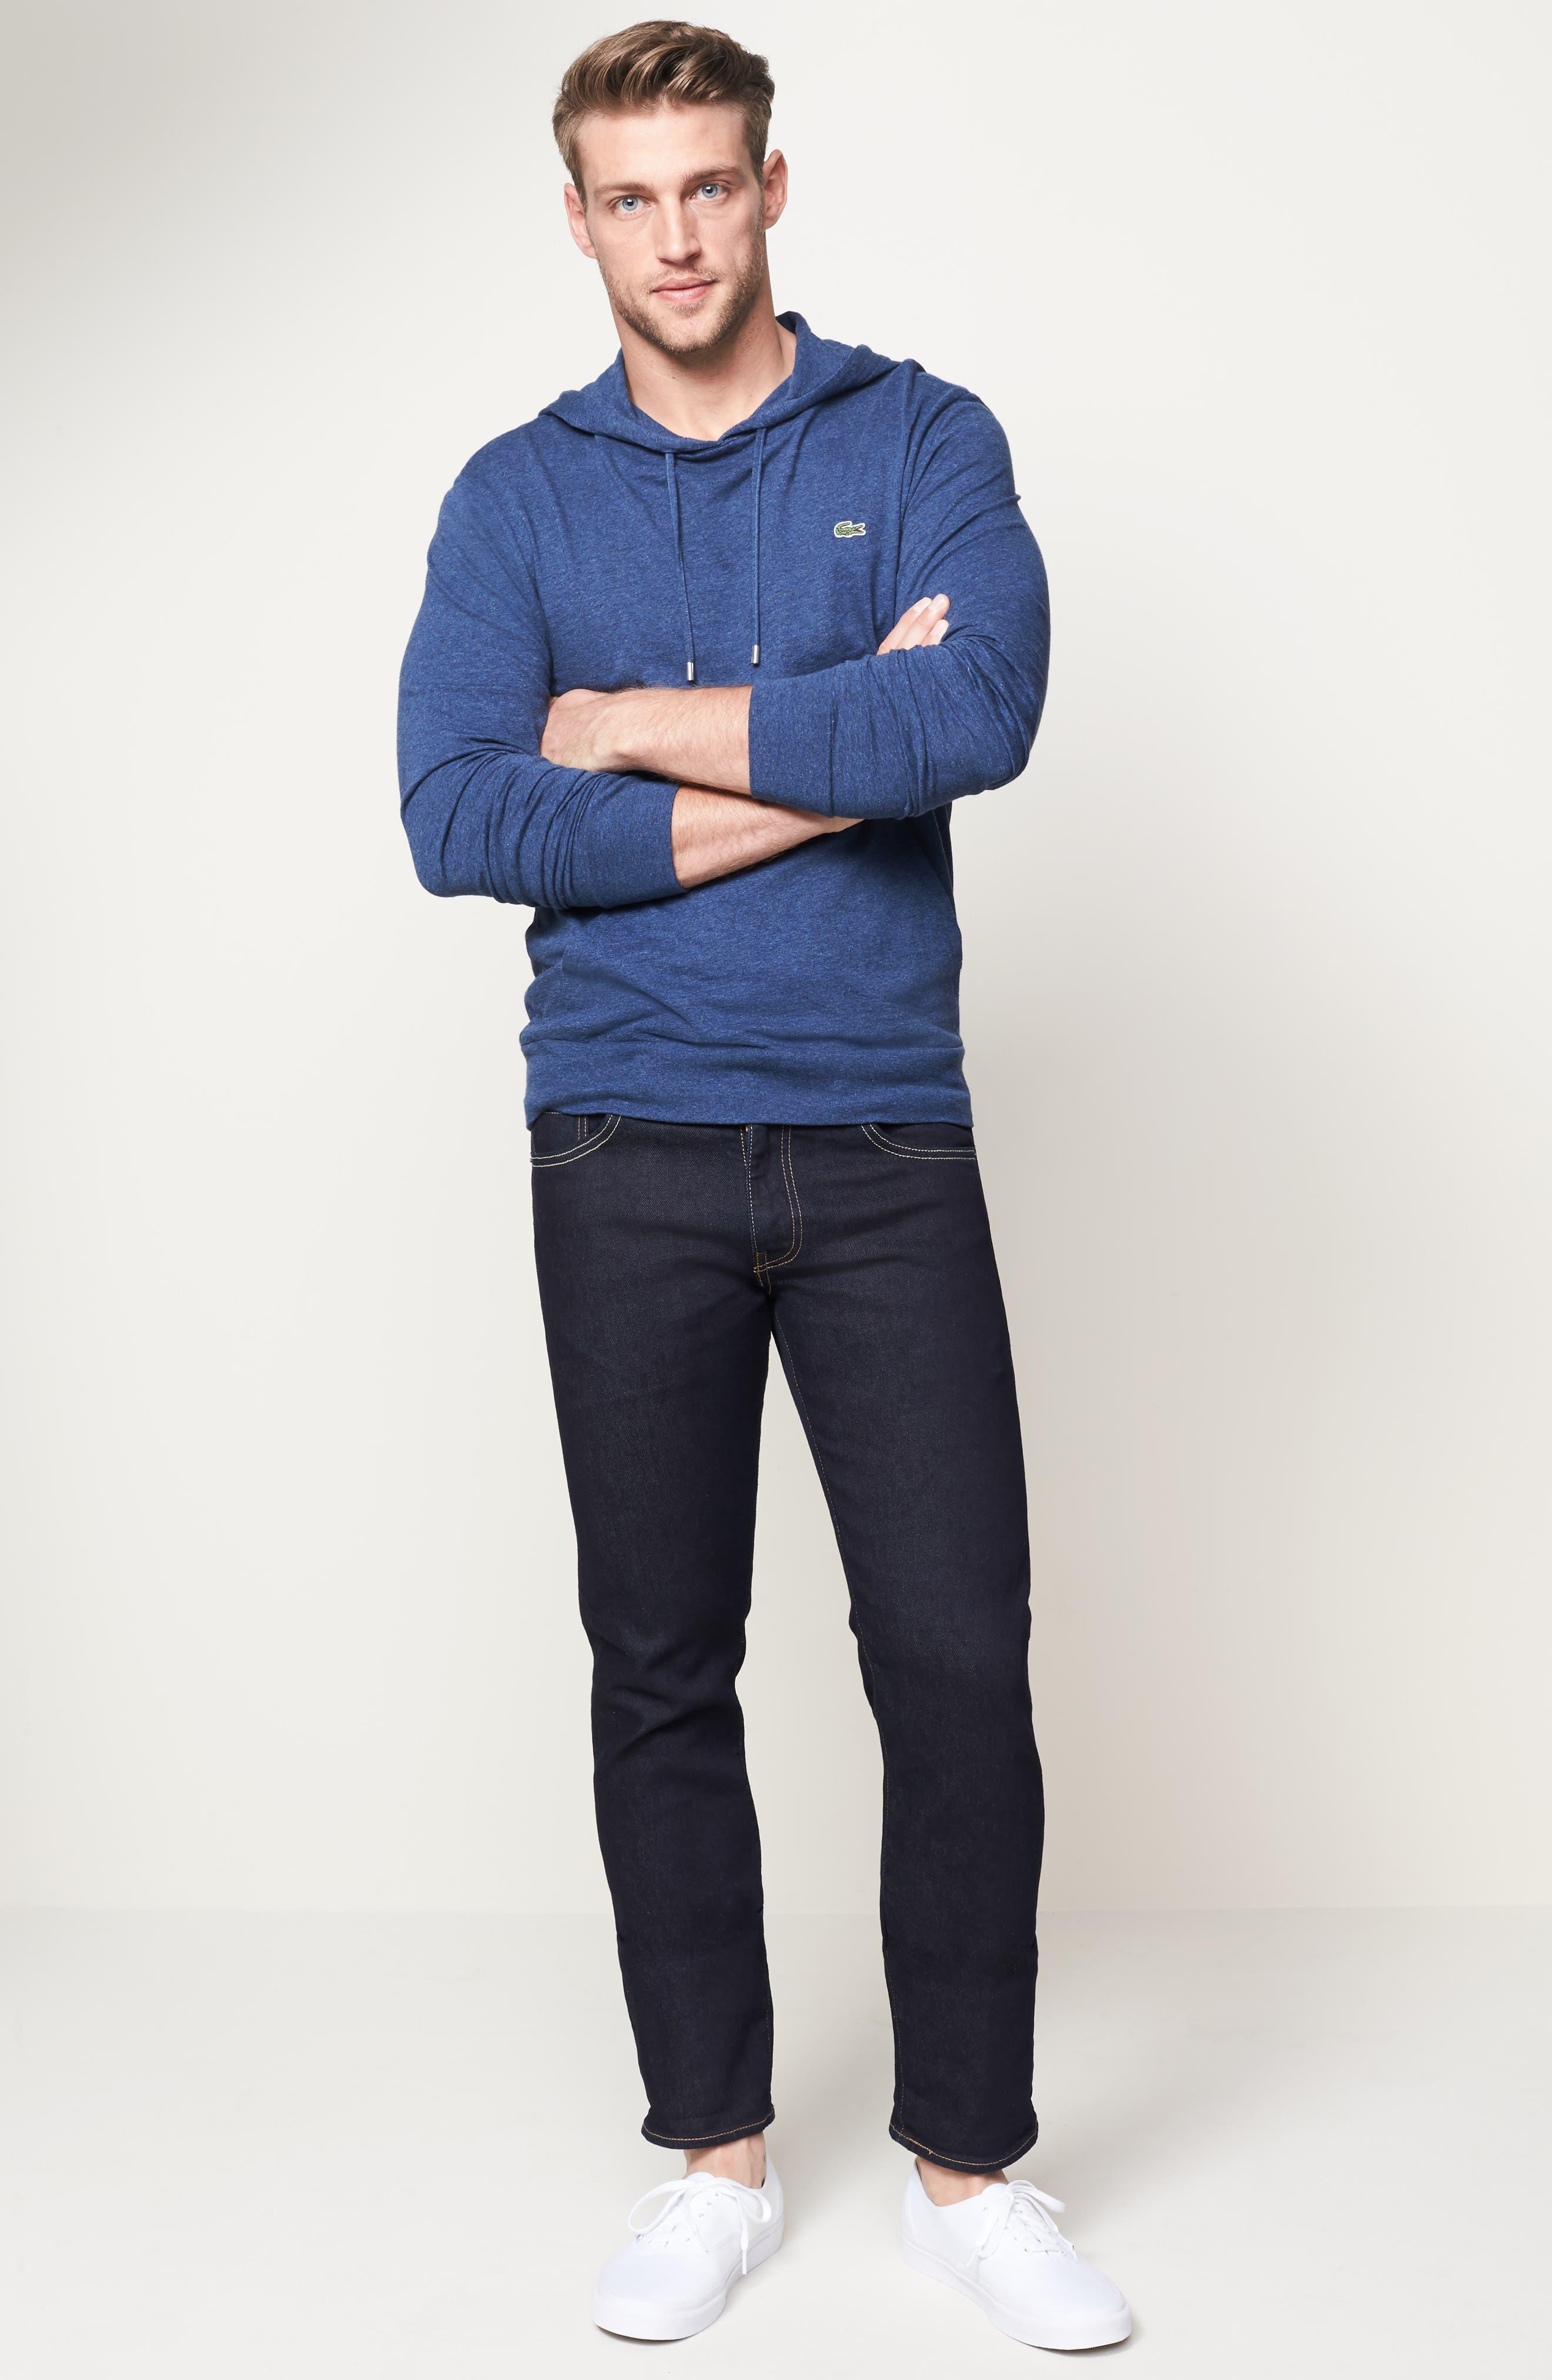 Levi's 511 Slim Fit Jeans,                             Alternate thumbnail 8, color,                             402